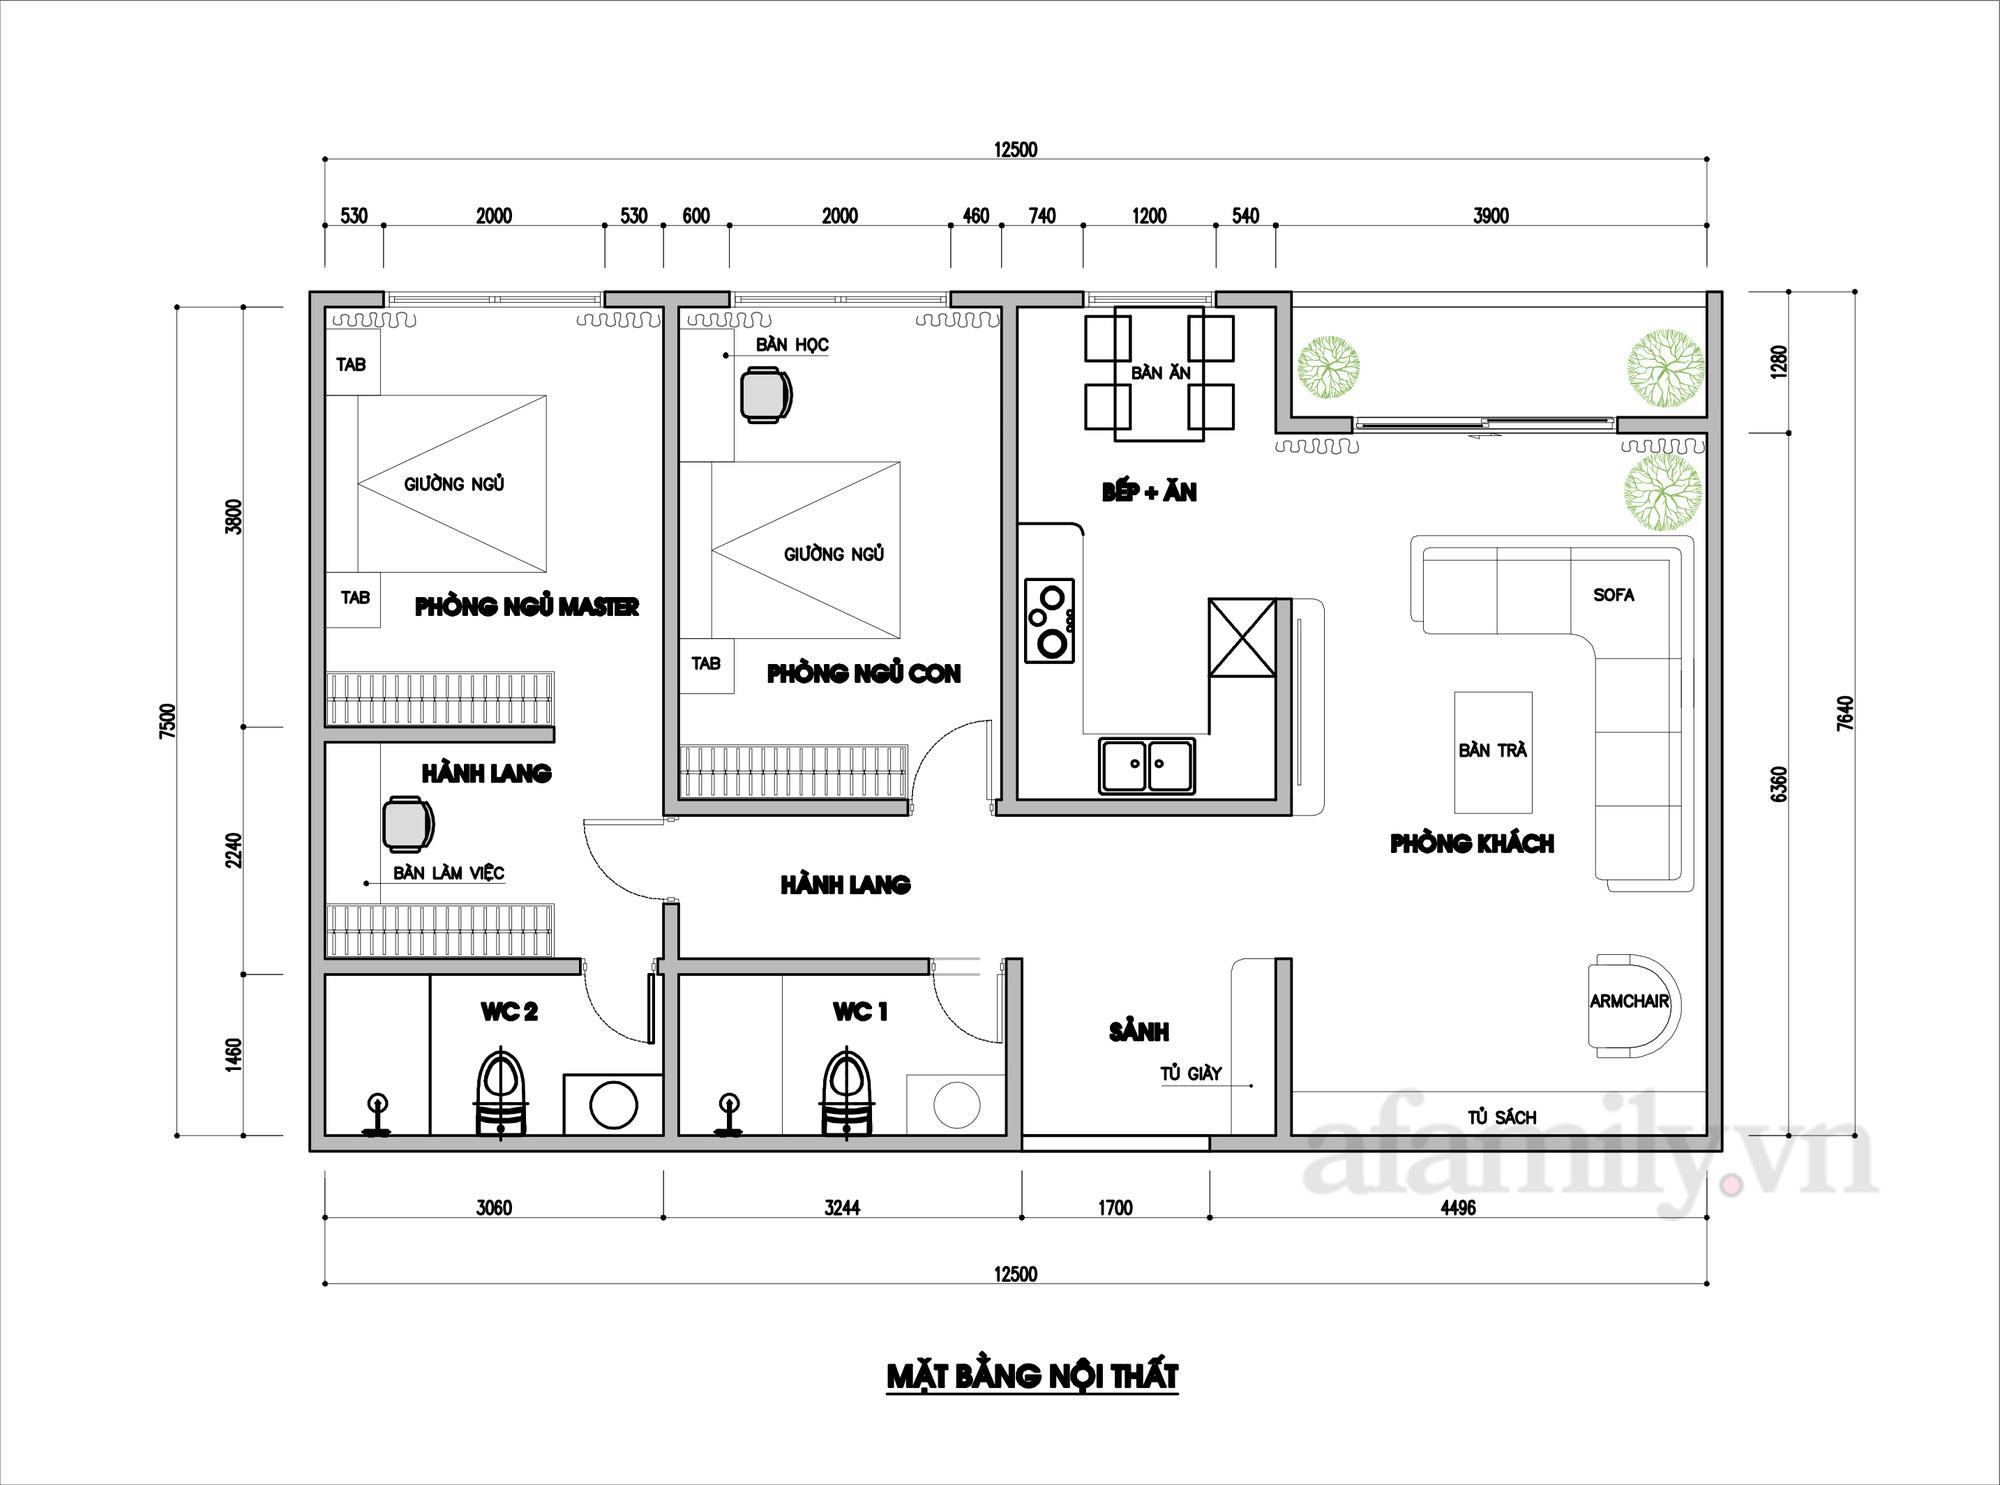 Tư vấn thiết kế căn hộ 90m² theo phong cách Scandinavian cho gia đình 3 người, chi phí 200 triệu - Ảnh 2.